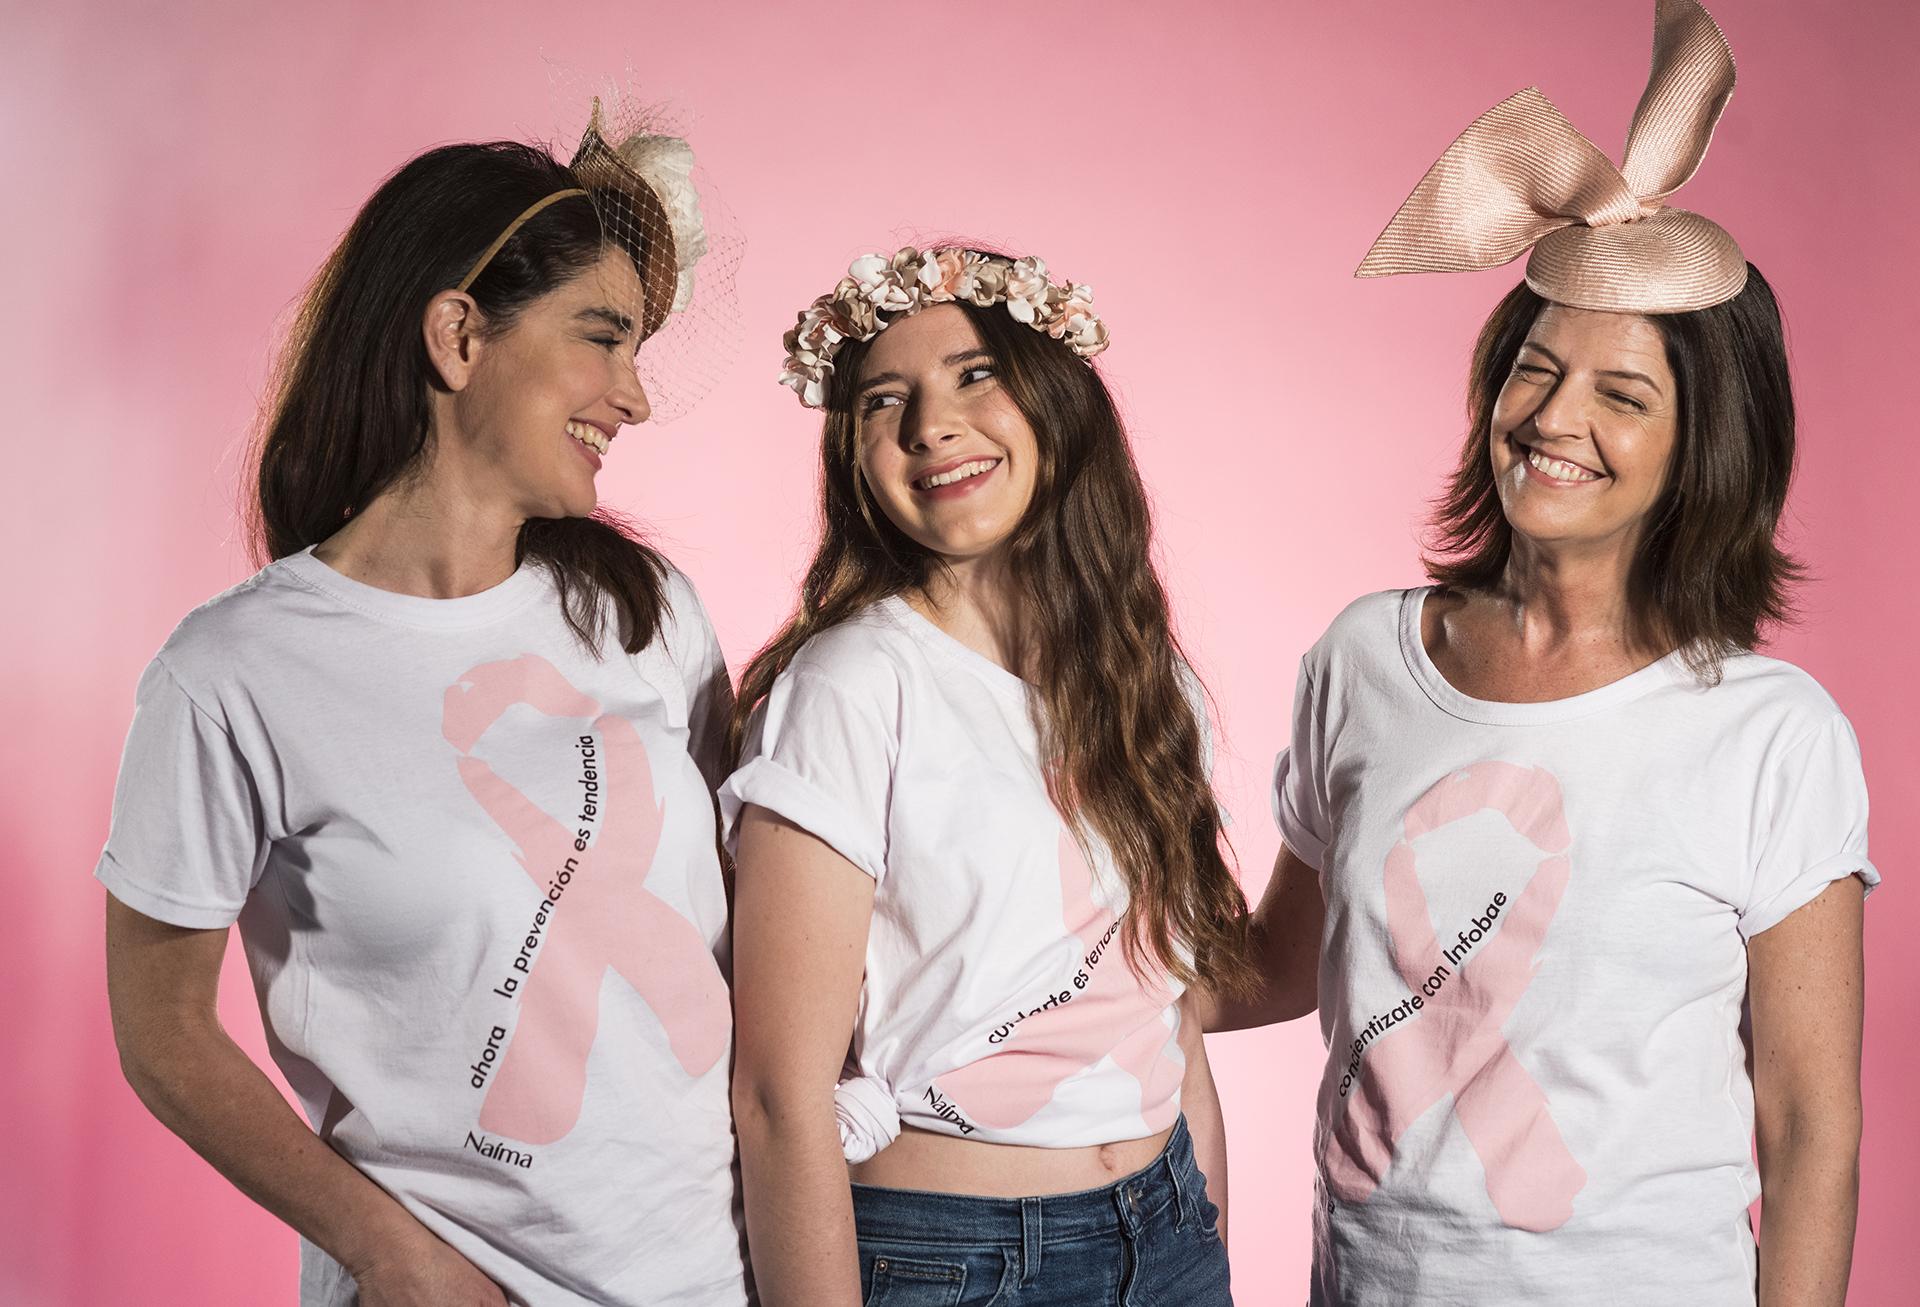 Verónica Varano, María y Laura Noetinger se divirtieron durante la sesión luciendo los glamorosos tocados